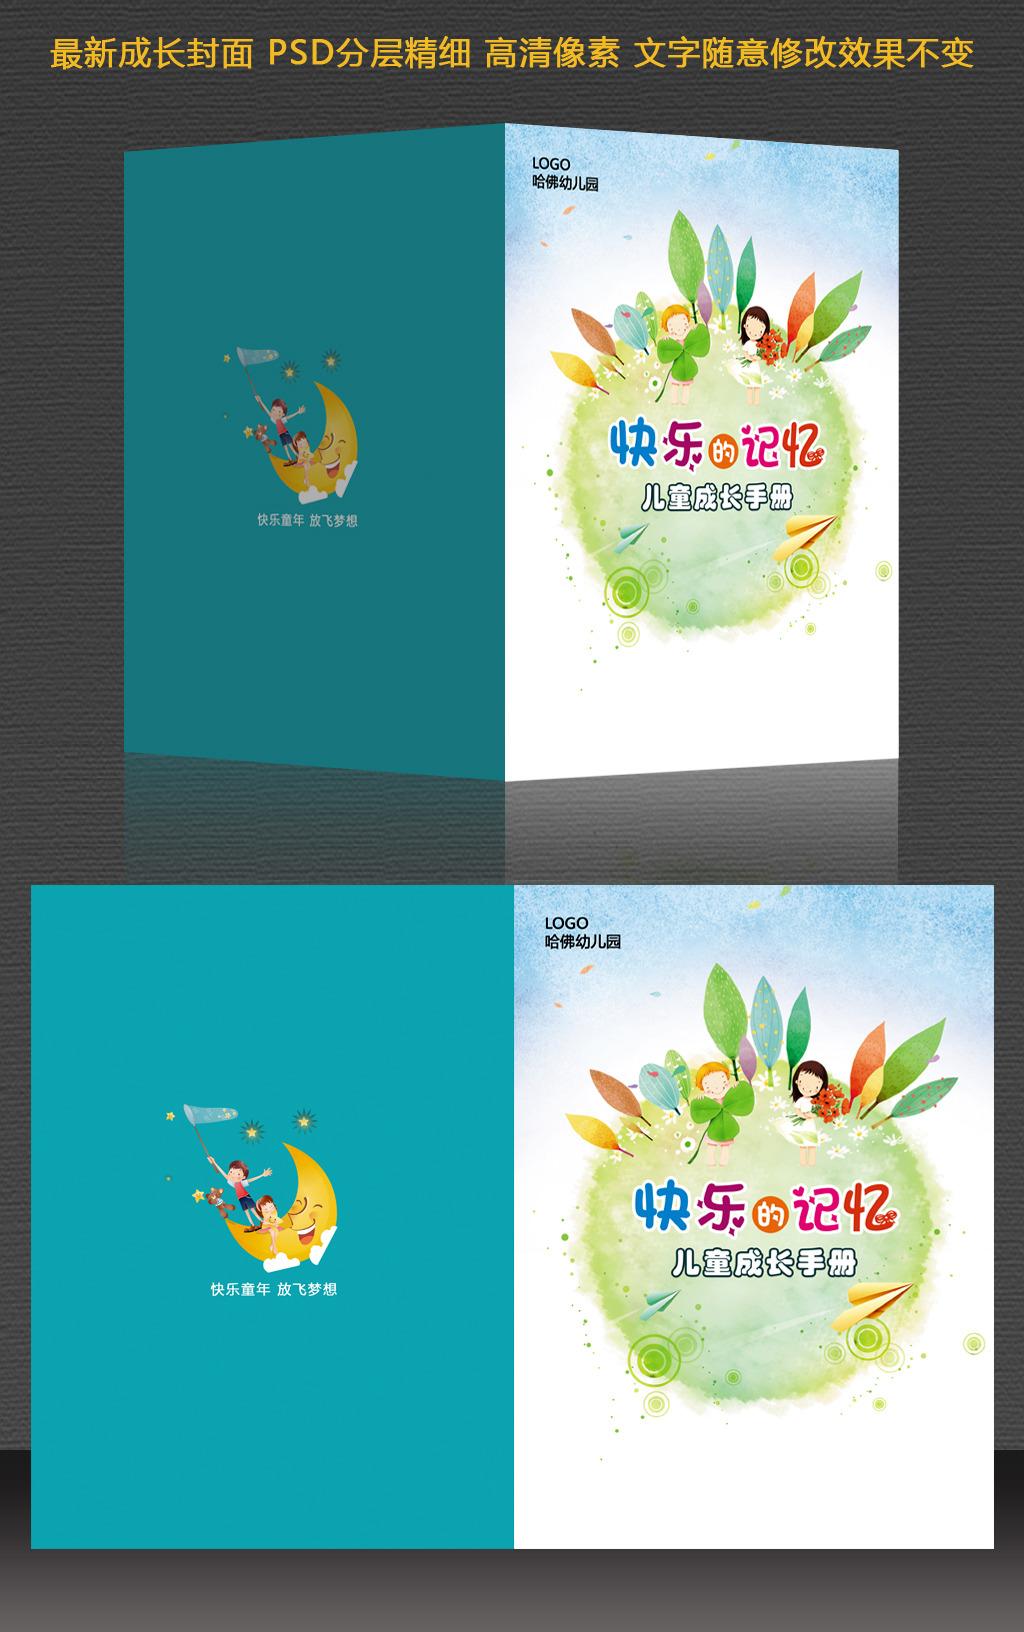 清新儿童成长档案手册封面模板psd